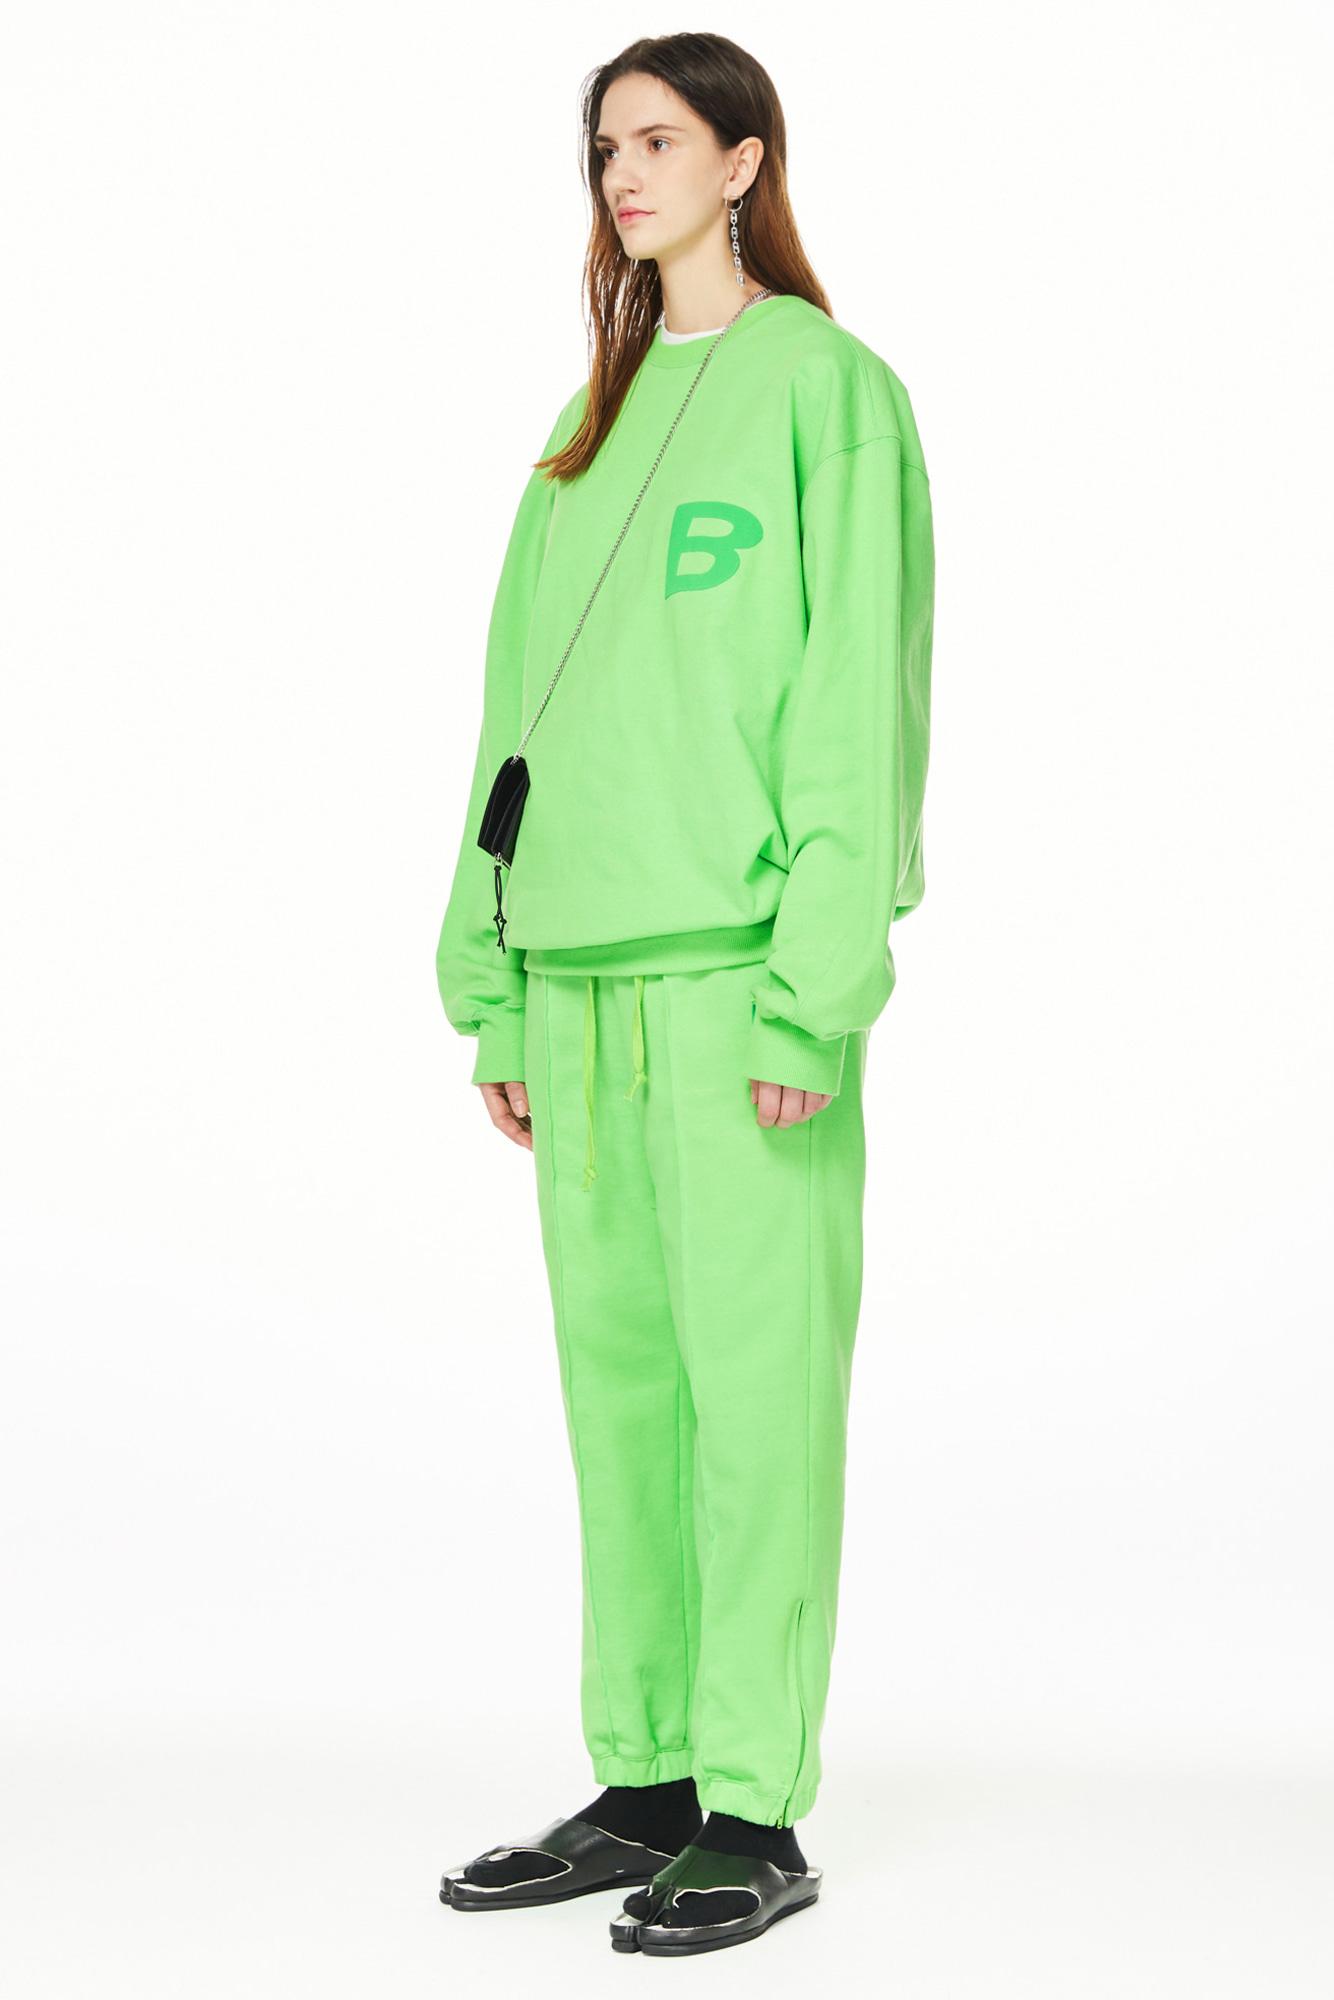 블러1.0(BLUR 1.0) B GREEN SWEAT PANTS - GREEN